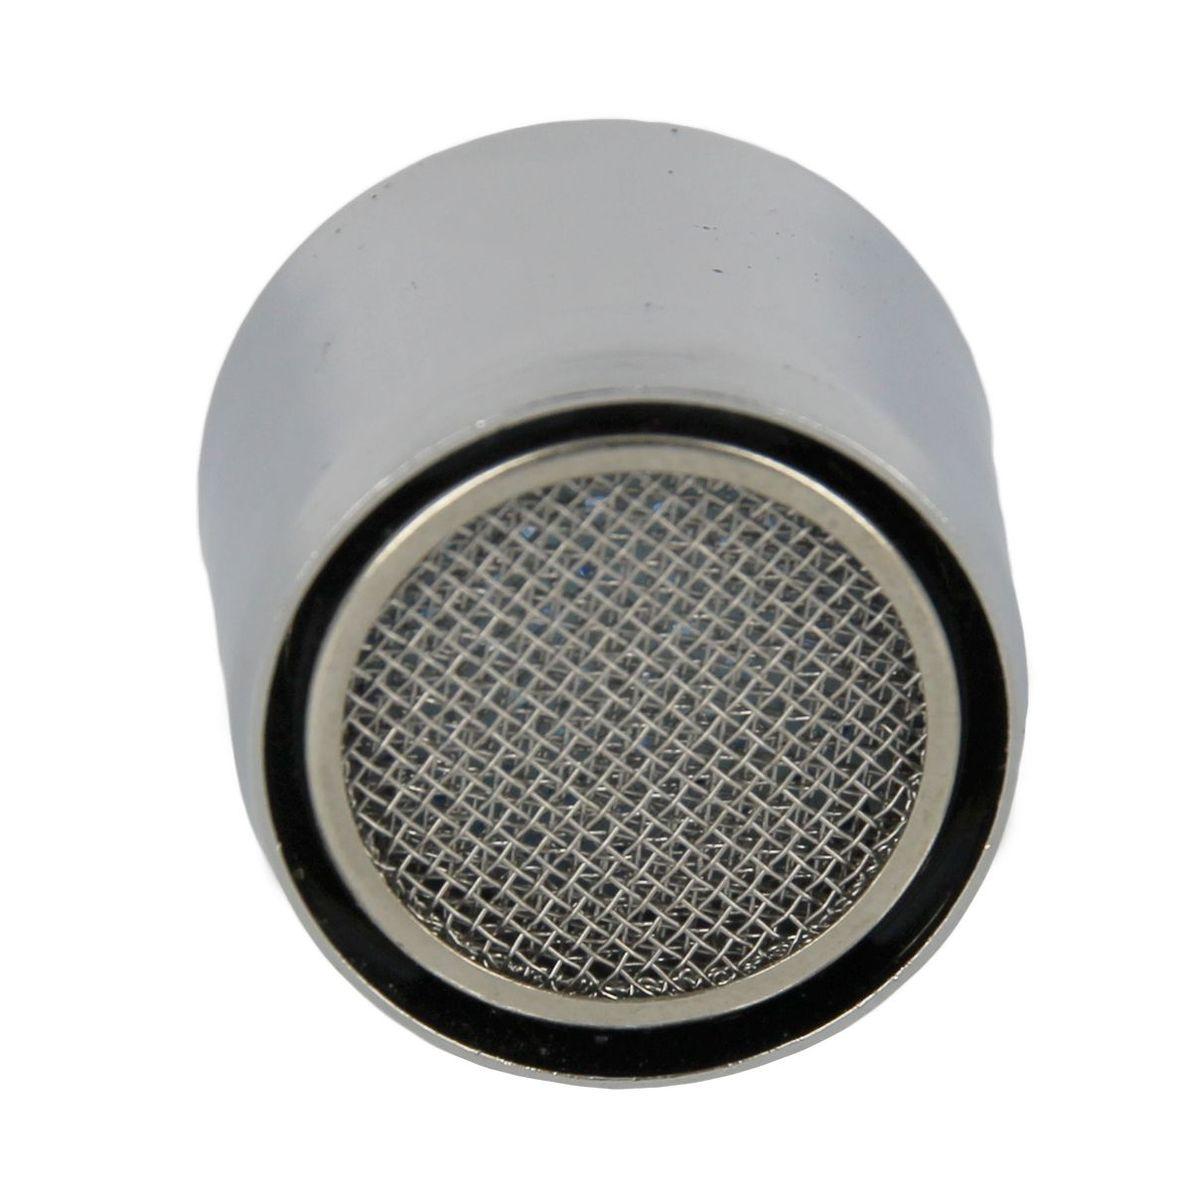 Аэратор для смесителя МастерПроф, наружная резьба 1/232553000Аэратор для смесителя - это небольшое приспособление, закрепляемое на «носике» крана и служащее для ограничения потока воды безсколько-либо заметного снижения интенсивности струи. Вода, проходя через несколько сеток устройства, смешивается с воздухом - на выходеполучается визуально мягкая струя. Благодаря тому, что подмешивание воздуха в аэраторе происходит постоянно, давление в смесителе кажетсянеизменным, несмотря на то, что расход воды уменьшается. Диаметр наружной резьбы: 1/2.Уважаемые клиенты! Обращаем ваше внимание на возможные изменения в цвете деталей товара. Поставка осуществляется в зависимости от наличия на складе.